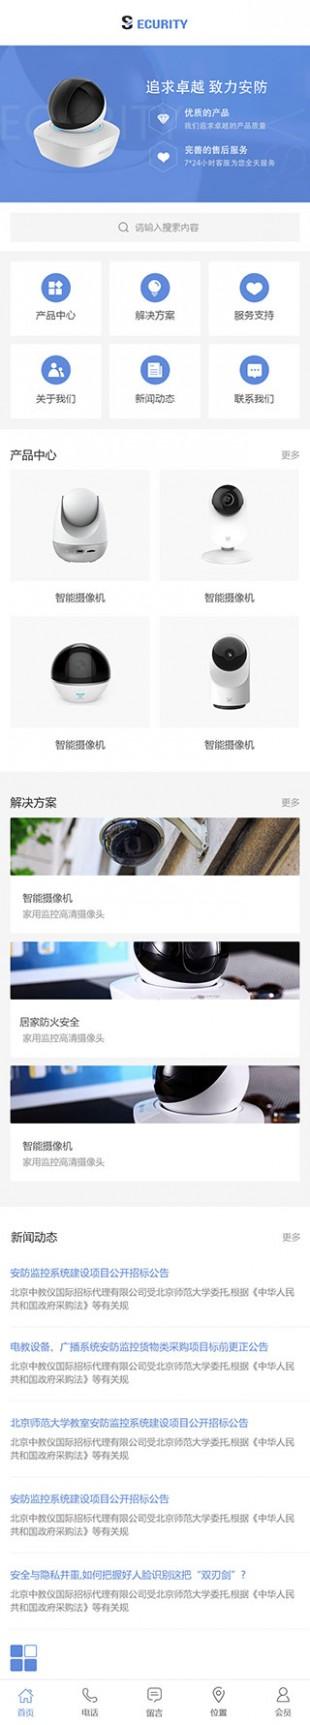 安防监控网站建设模板手机图片